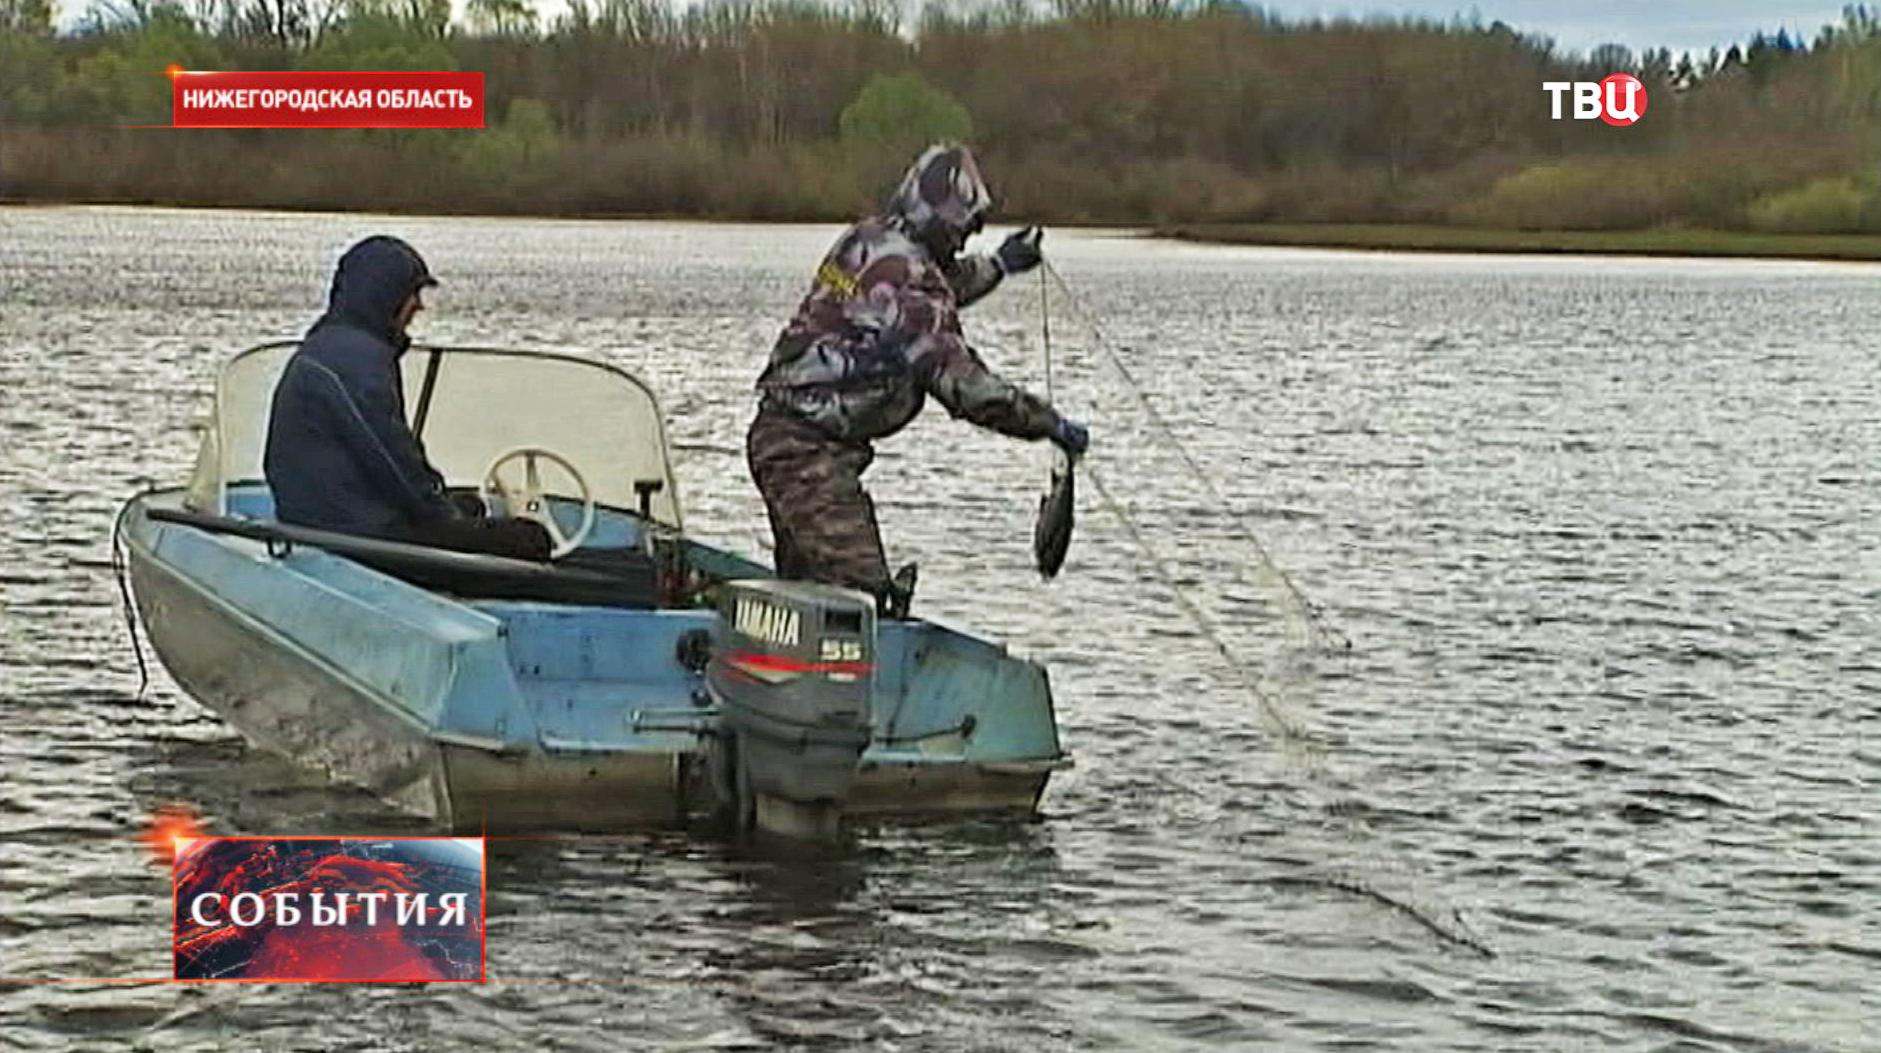 когда нельзя ловить рыбу в нижегородской области